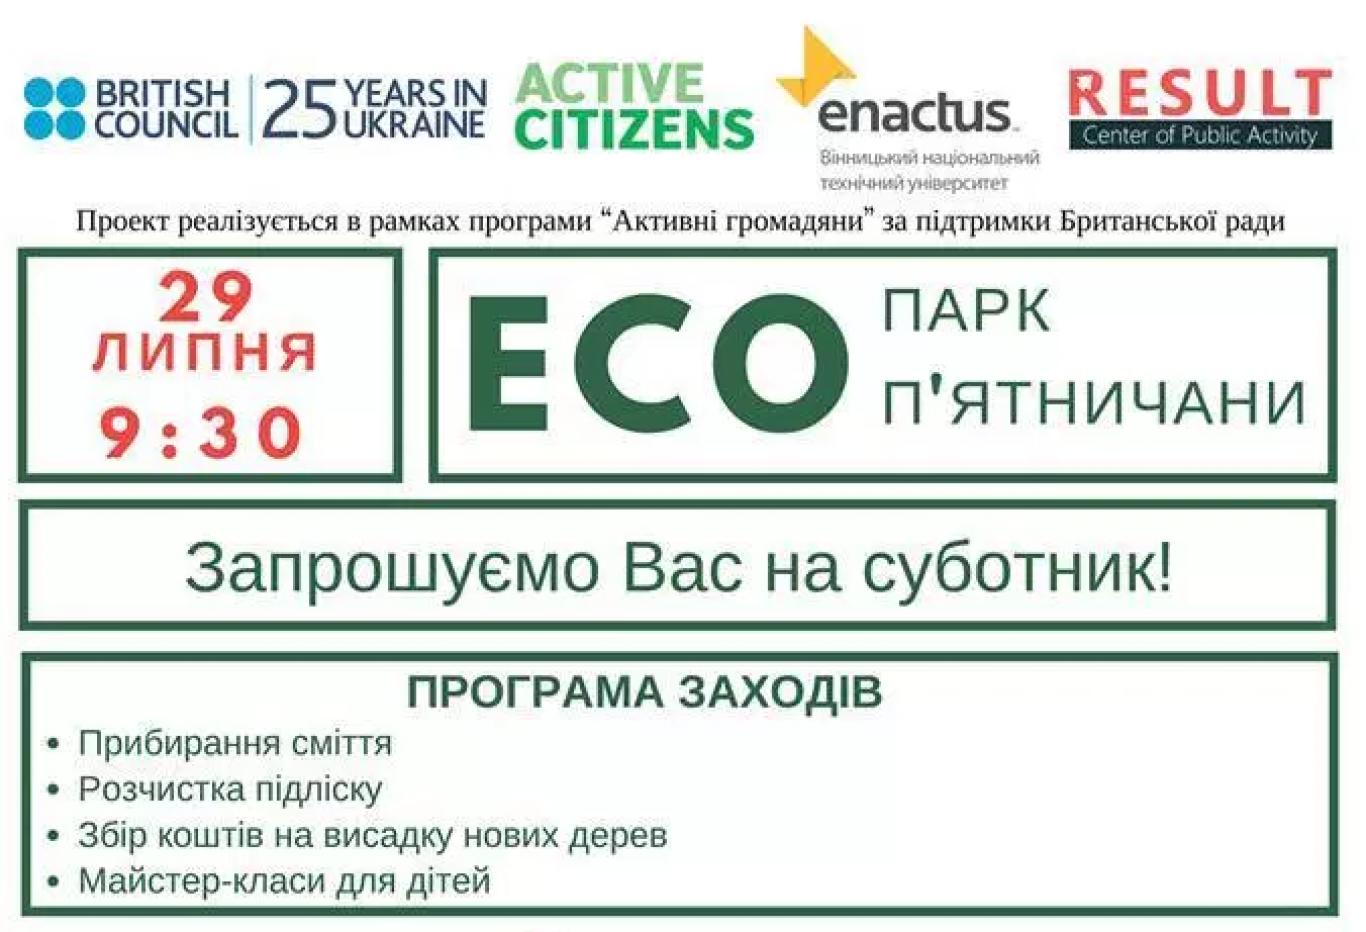 Генеральне прибирання П'ятничанського парку